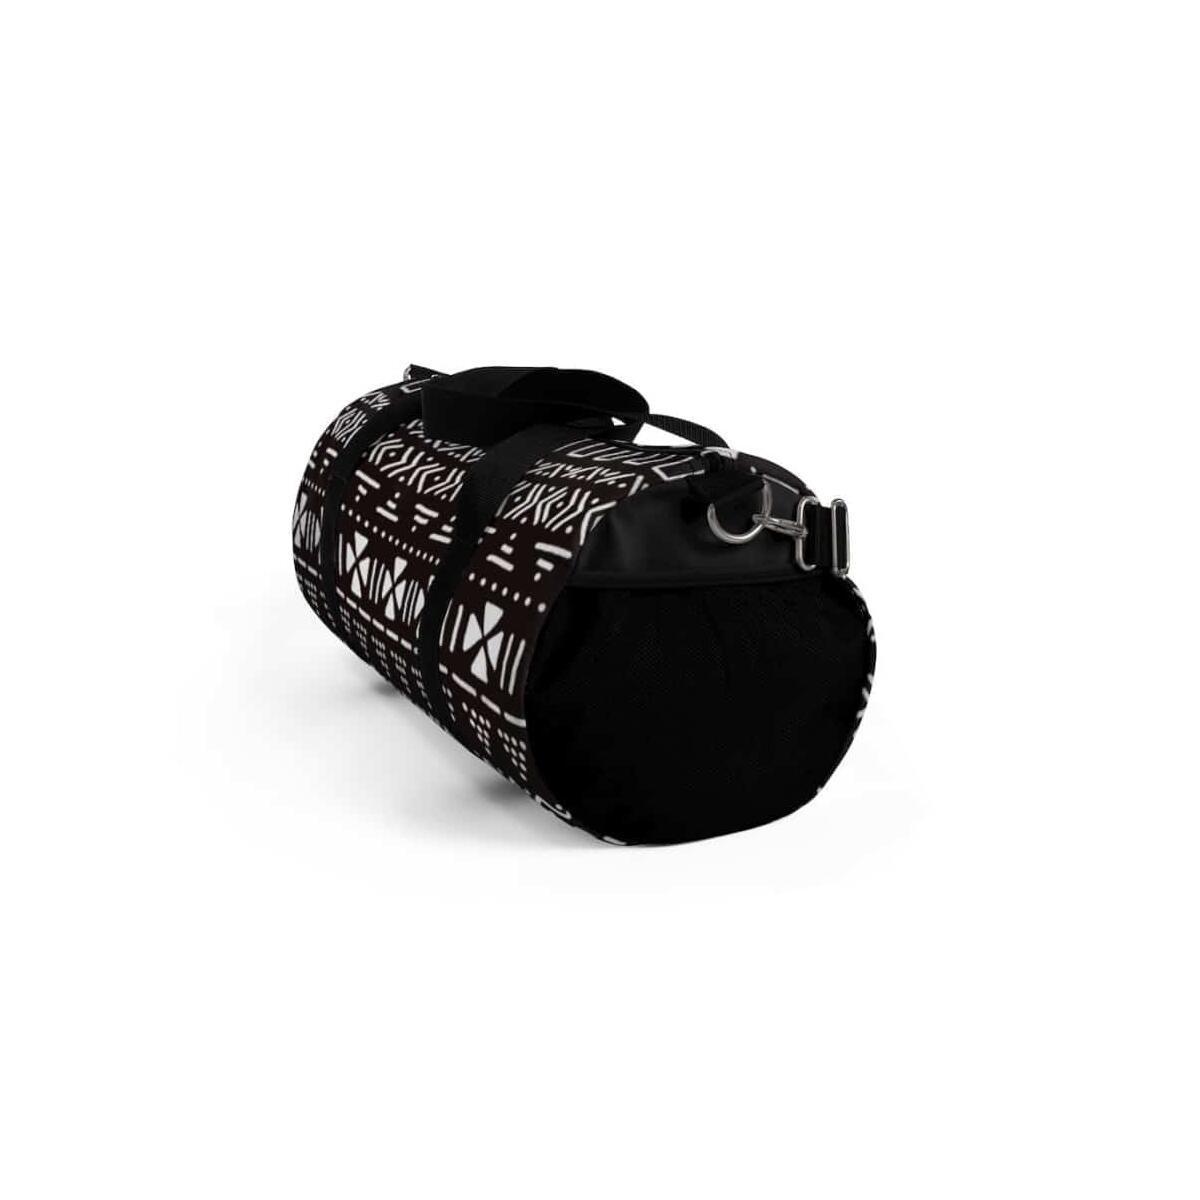 Tribal African Mud cloth Duffel Bag, Small